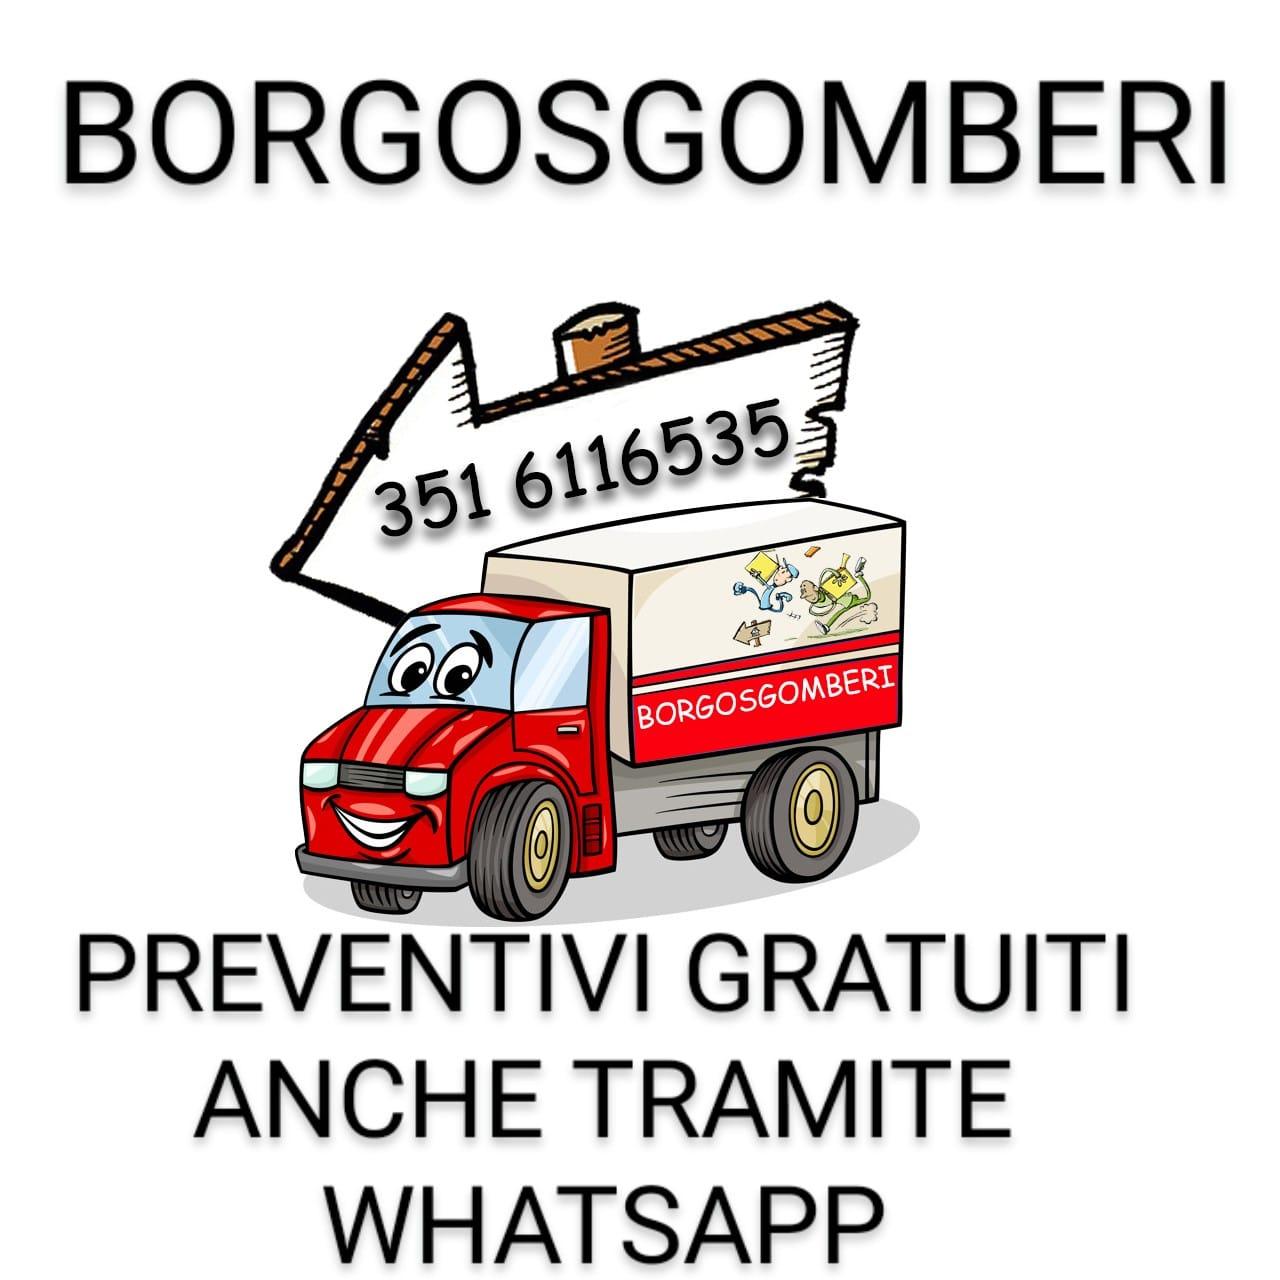 WhatsApp Image 2020-08-14 at 20.08.19